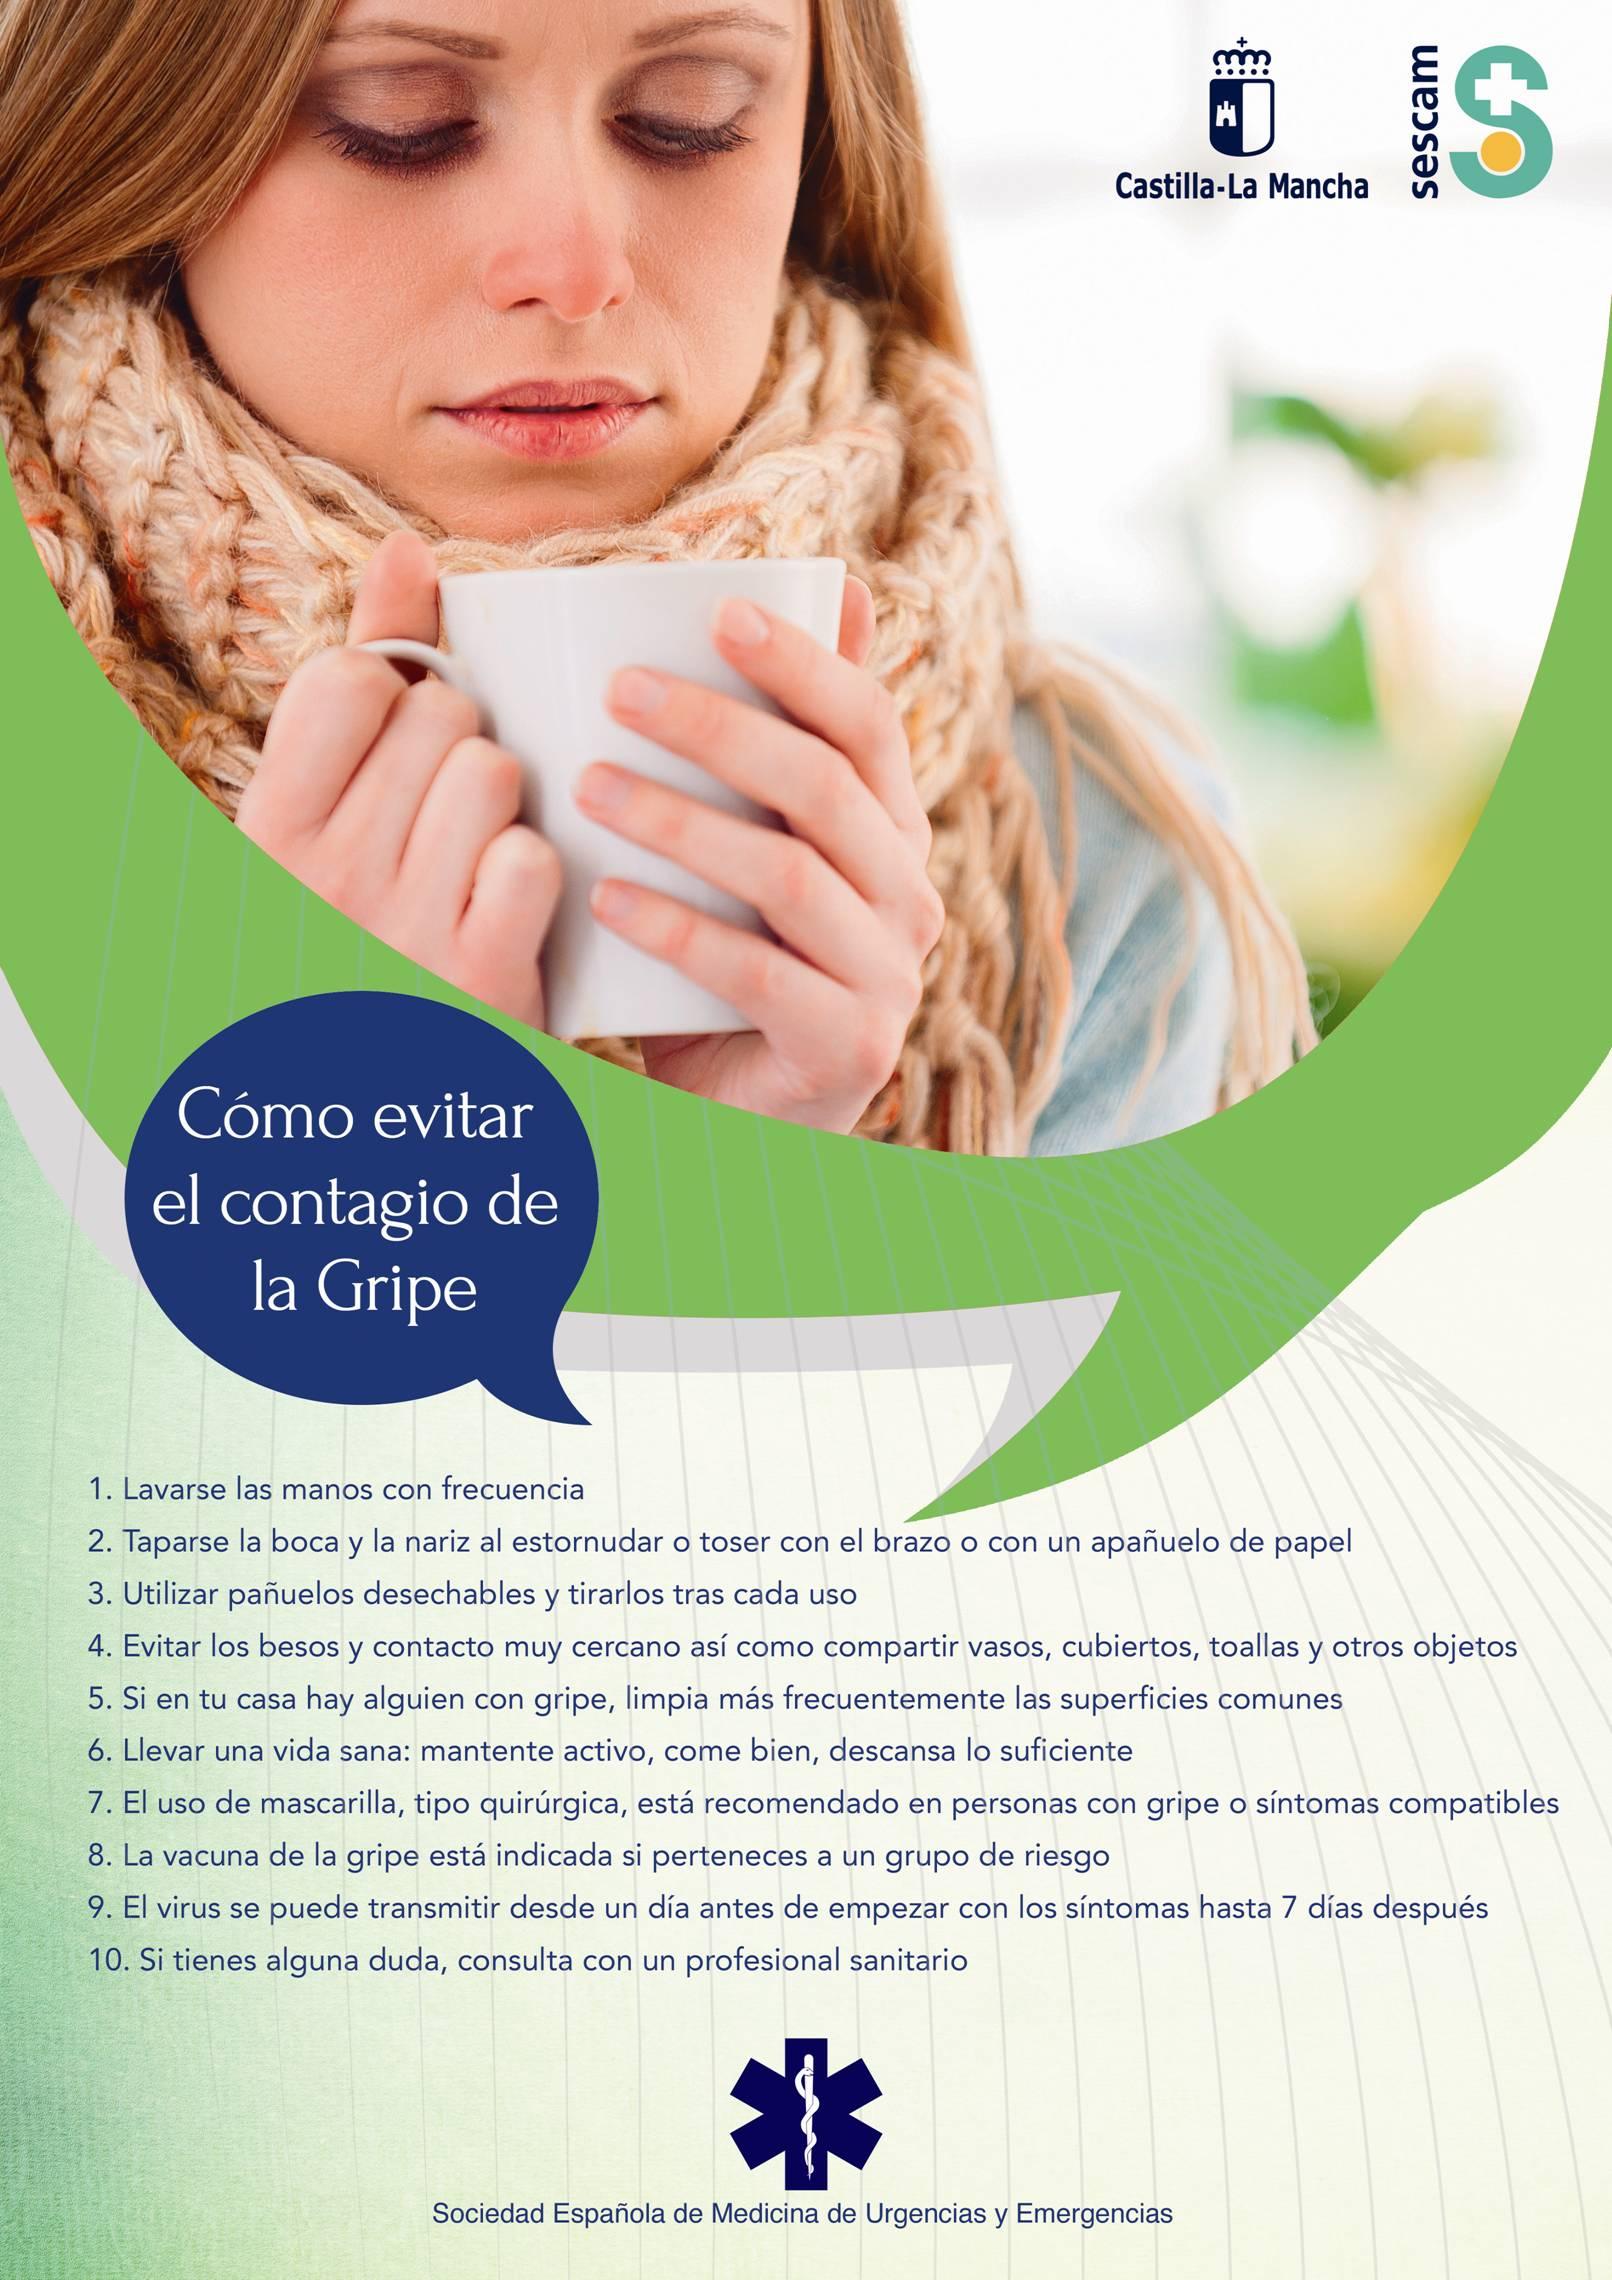 Cómo evitar el contagio de gripe (archivo PDF, abre en nueva página)